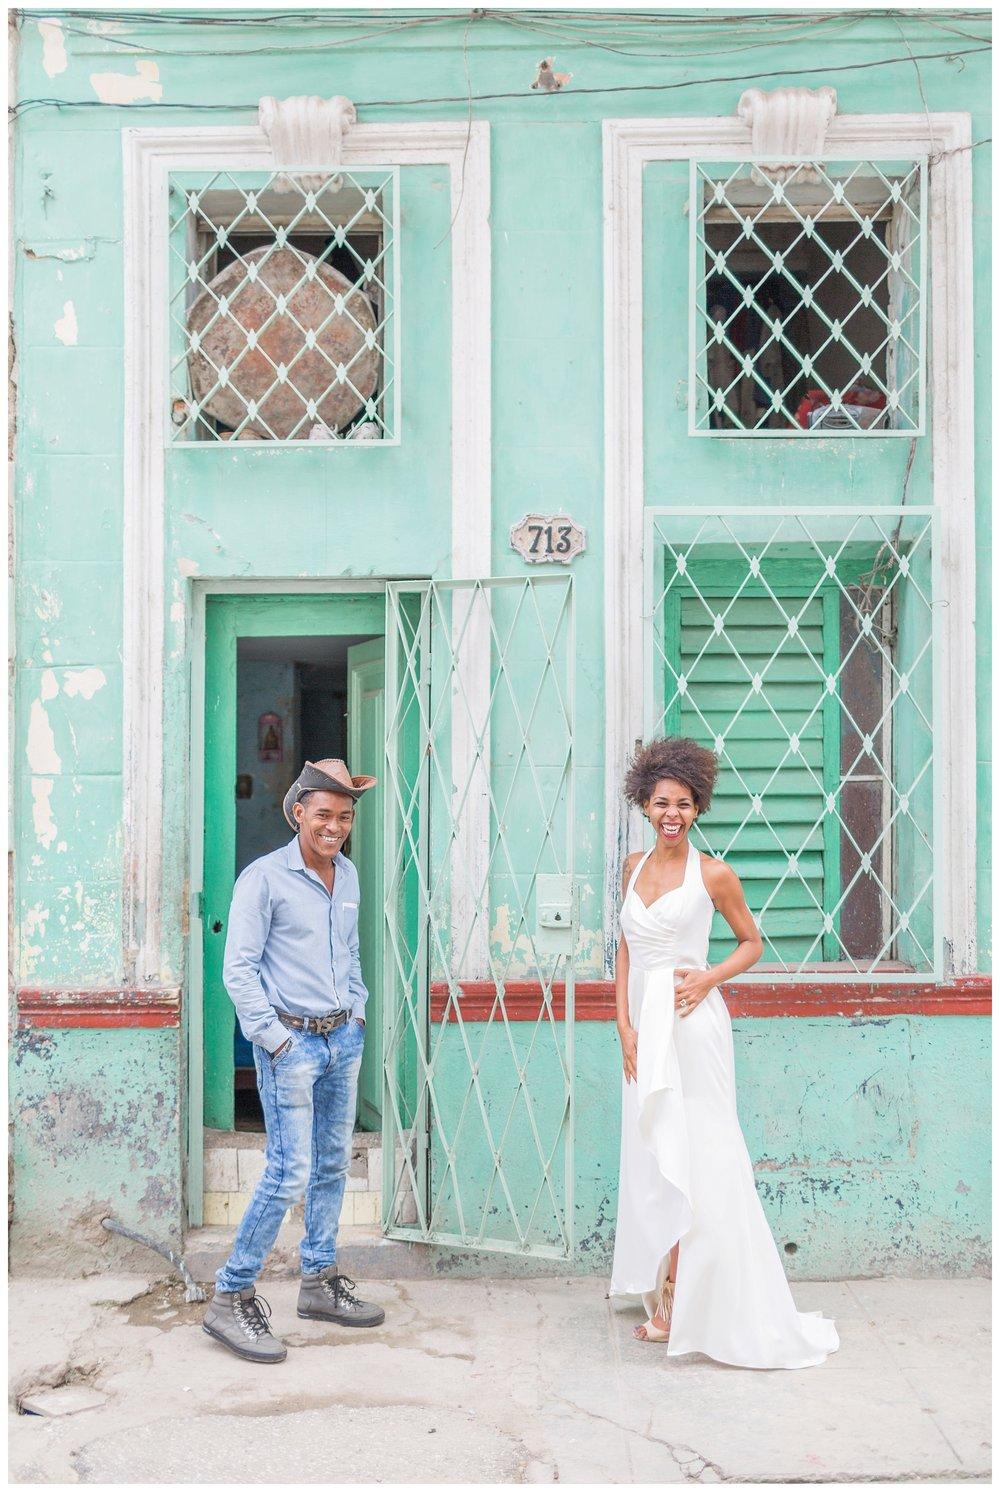 Cuba Editorial Photo Shoot_0020.jpg